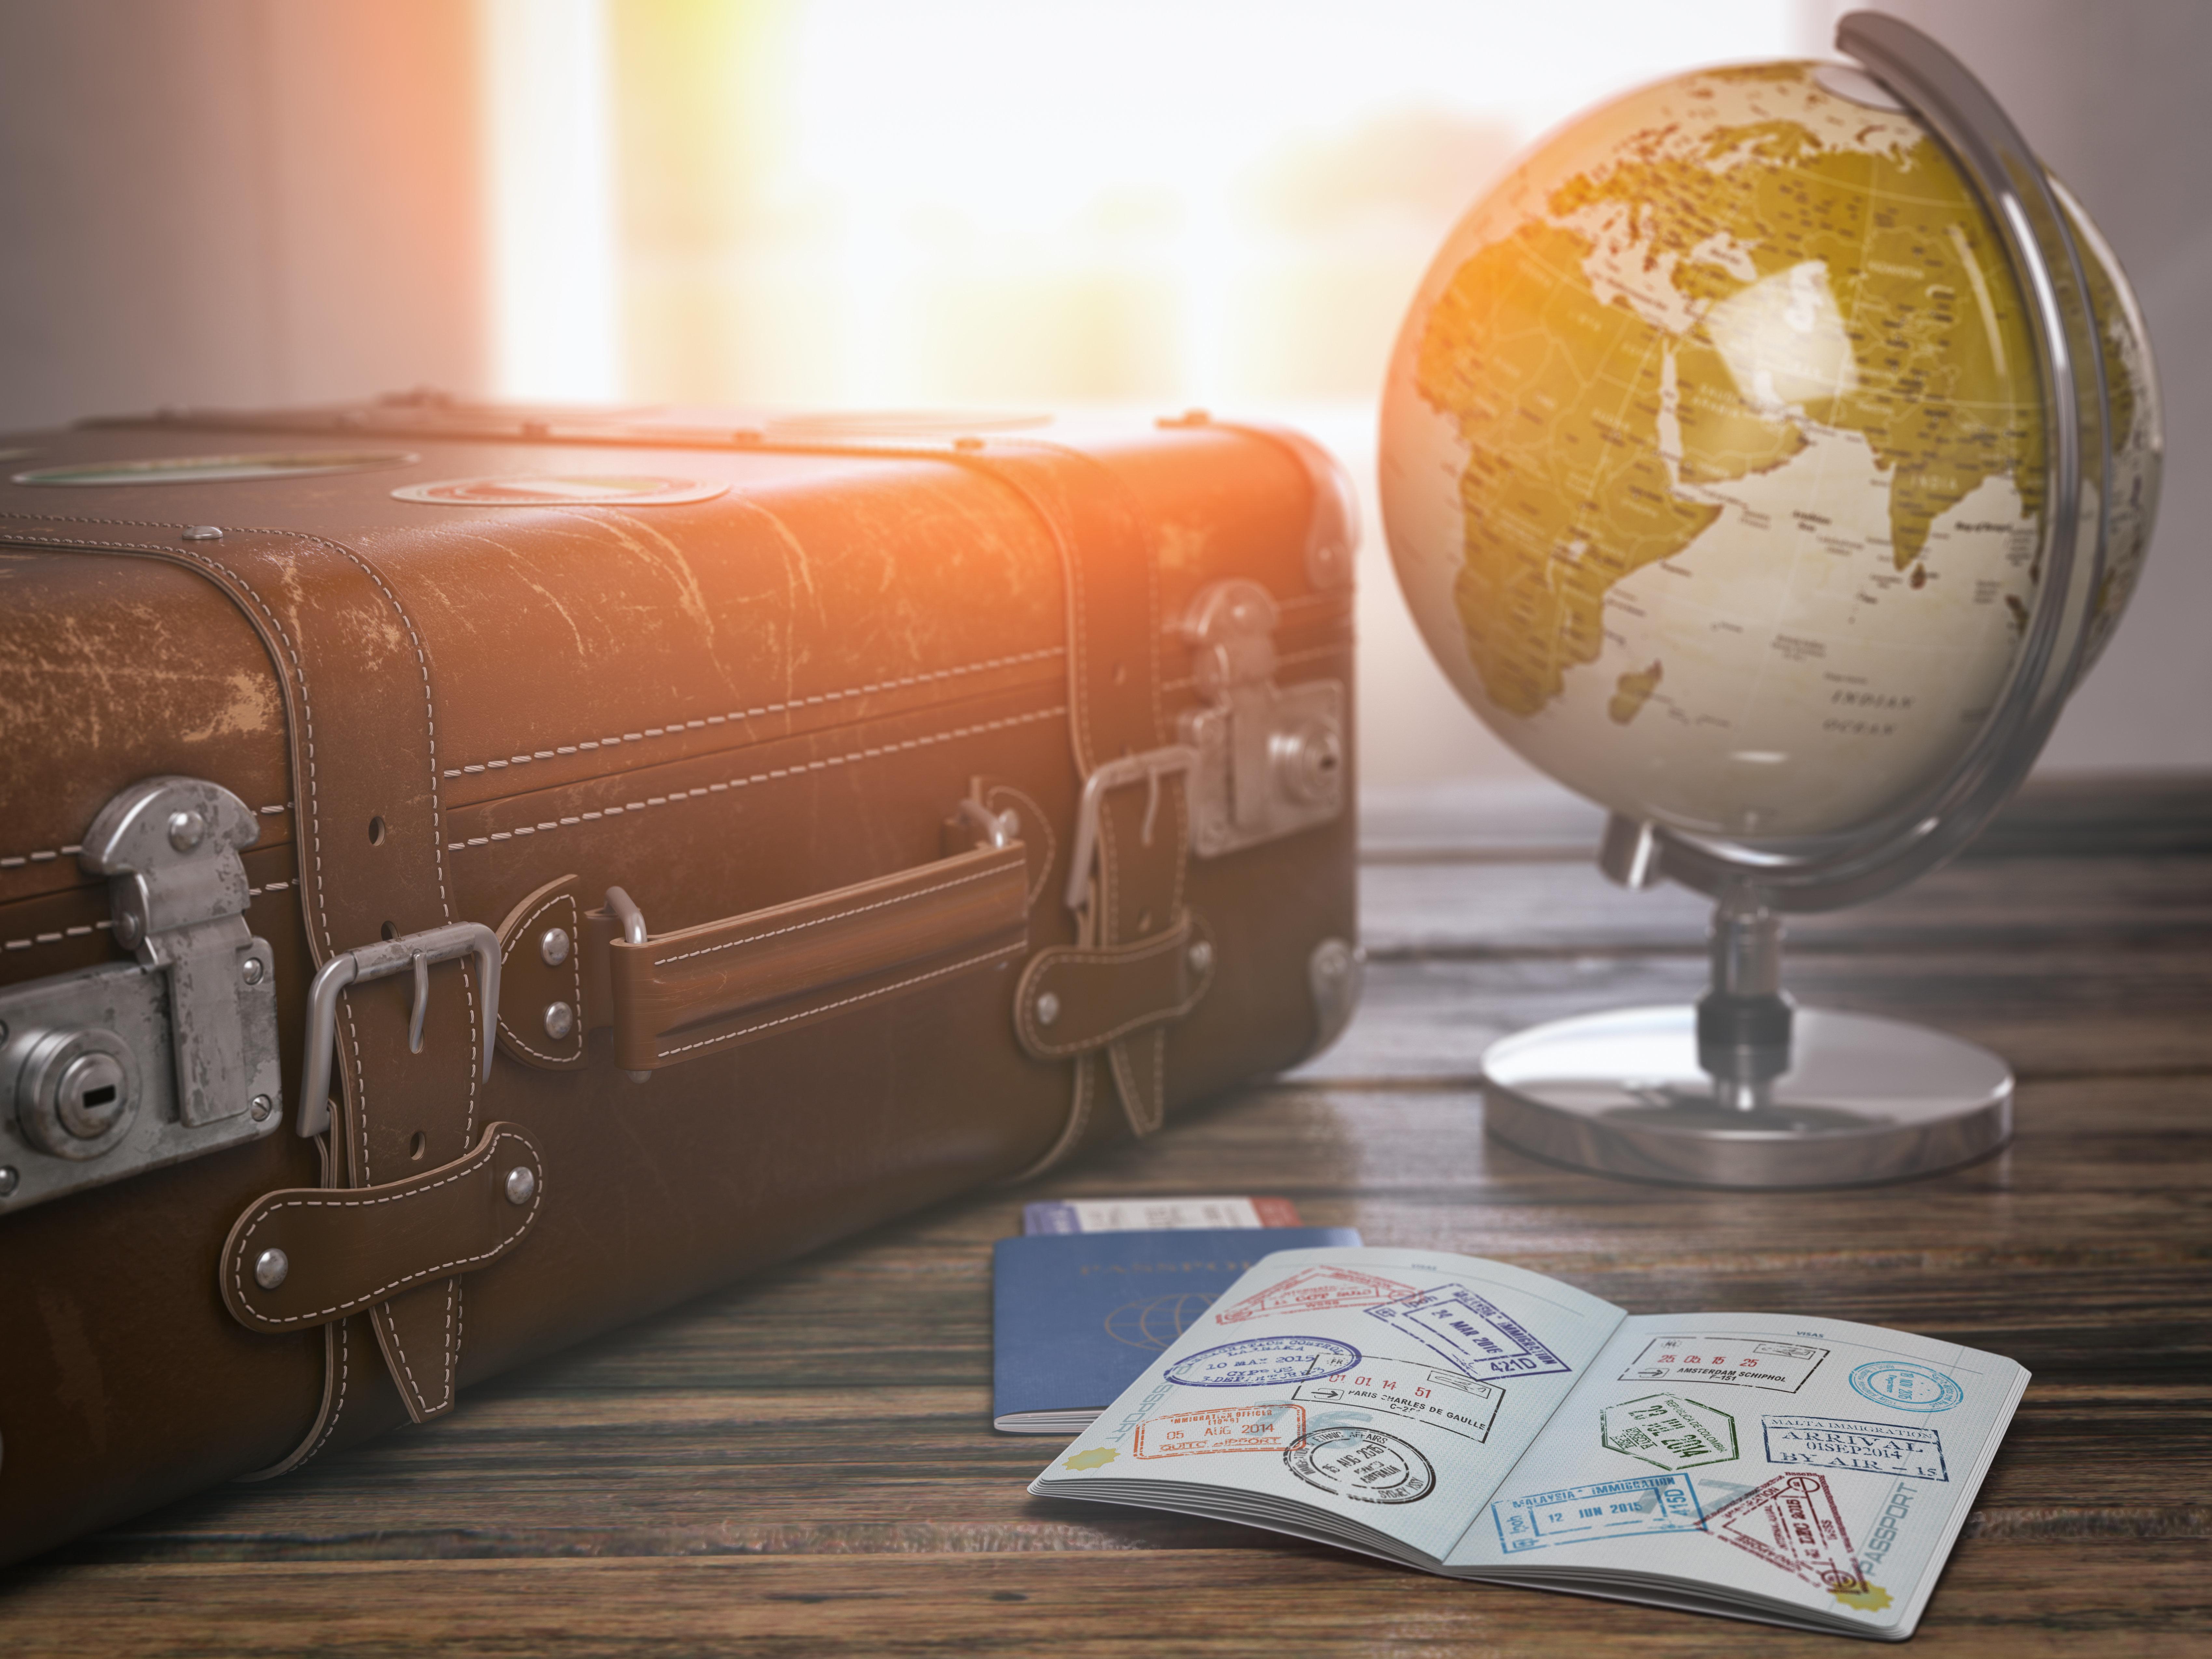 Ταξίδι χωρίς βίζα σε 184 χώρες το 2019 - Το ελληνικό διαβατήριο μεταξύ των ισχυρότερων στον